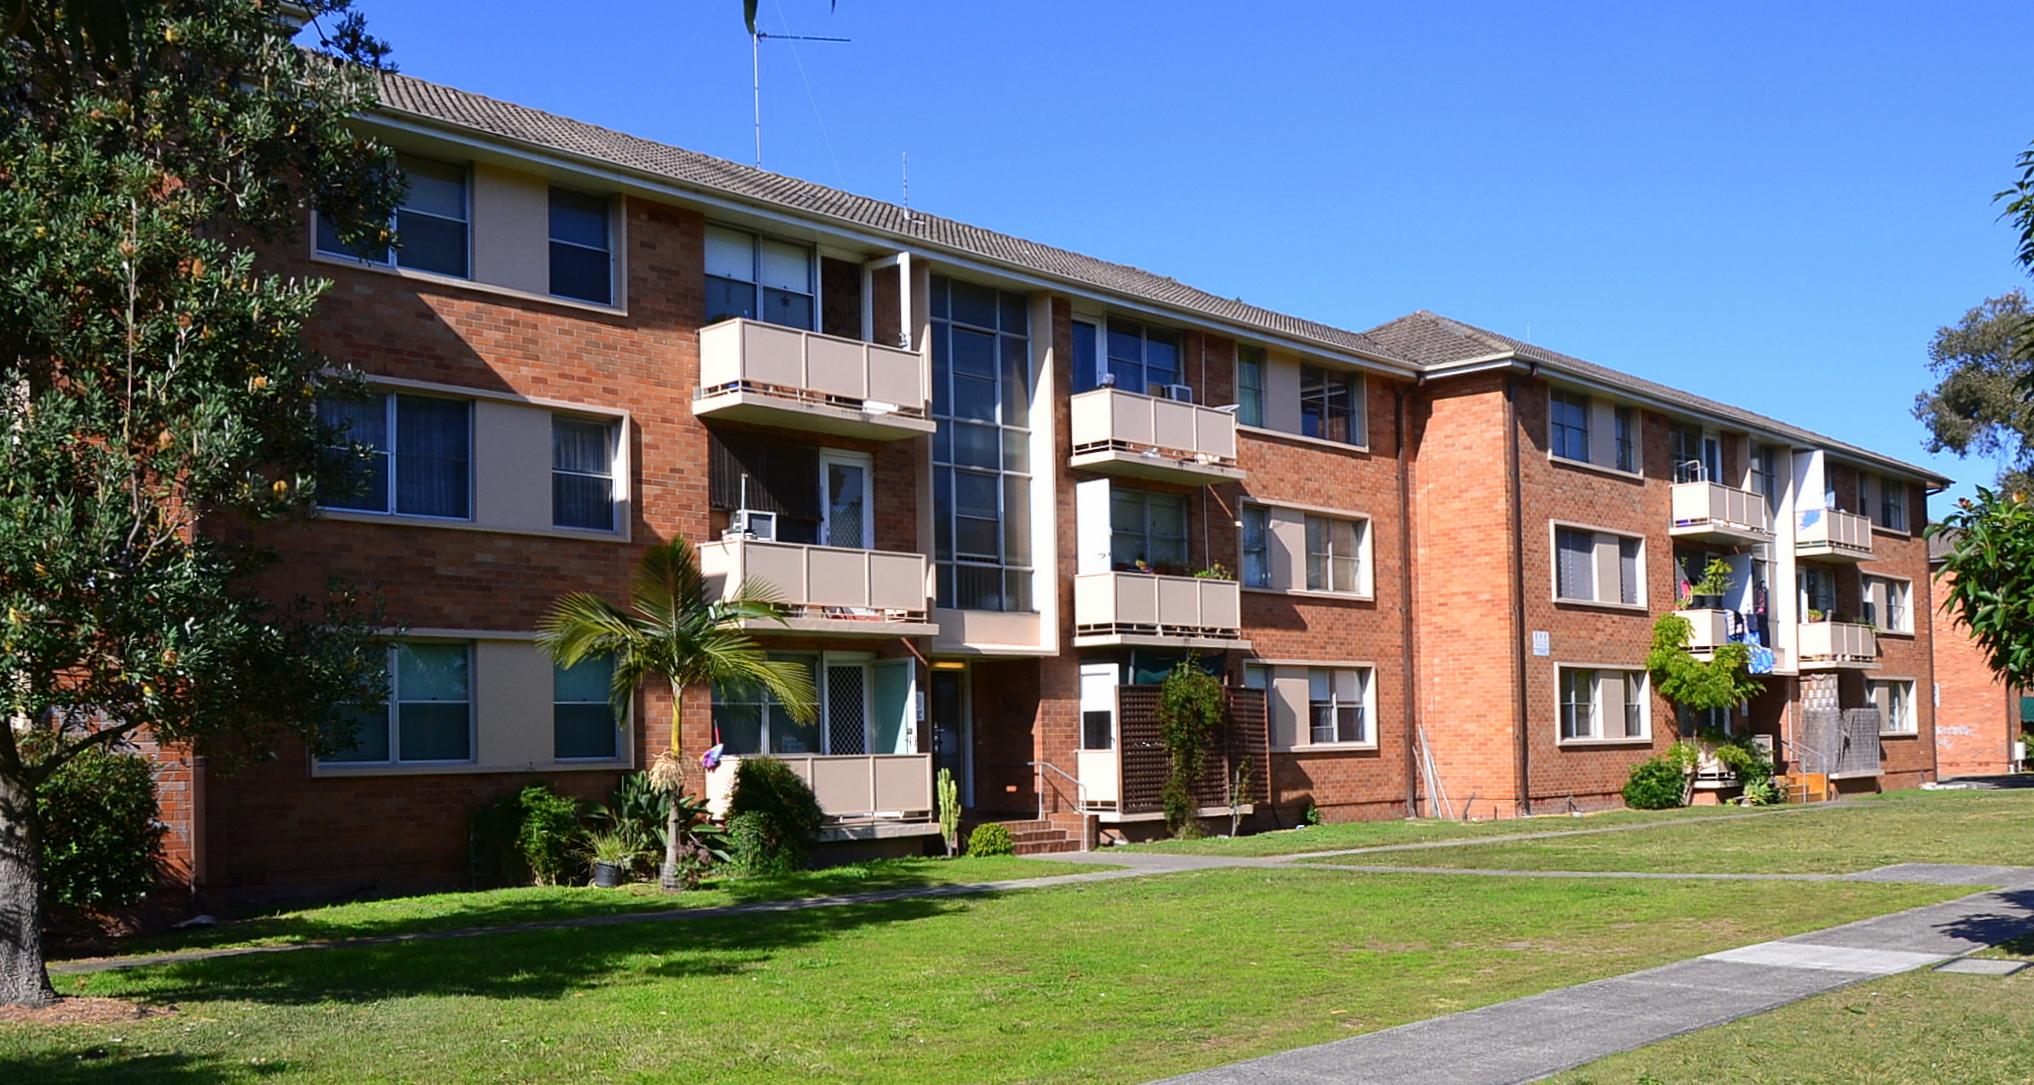 Policy Basics: Public Housing